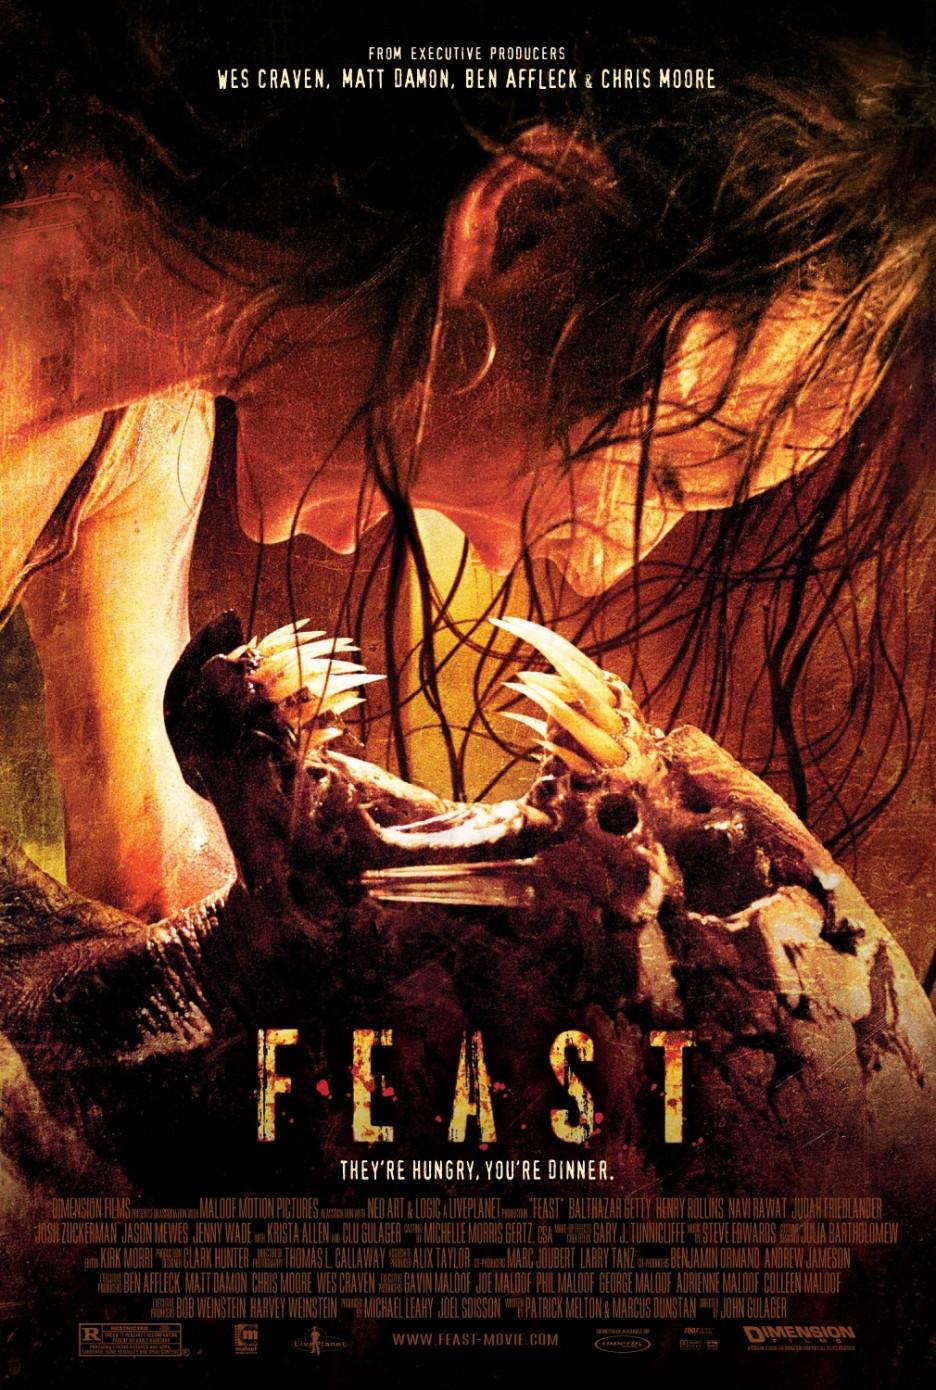 Feast (2005) พันธุ์ขย้ำเขี้ยวเขมือบโลก